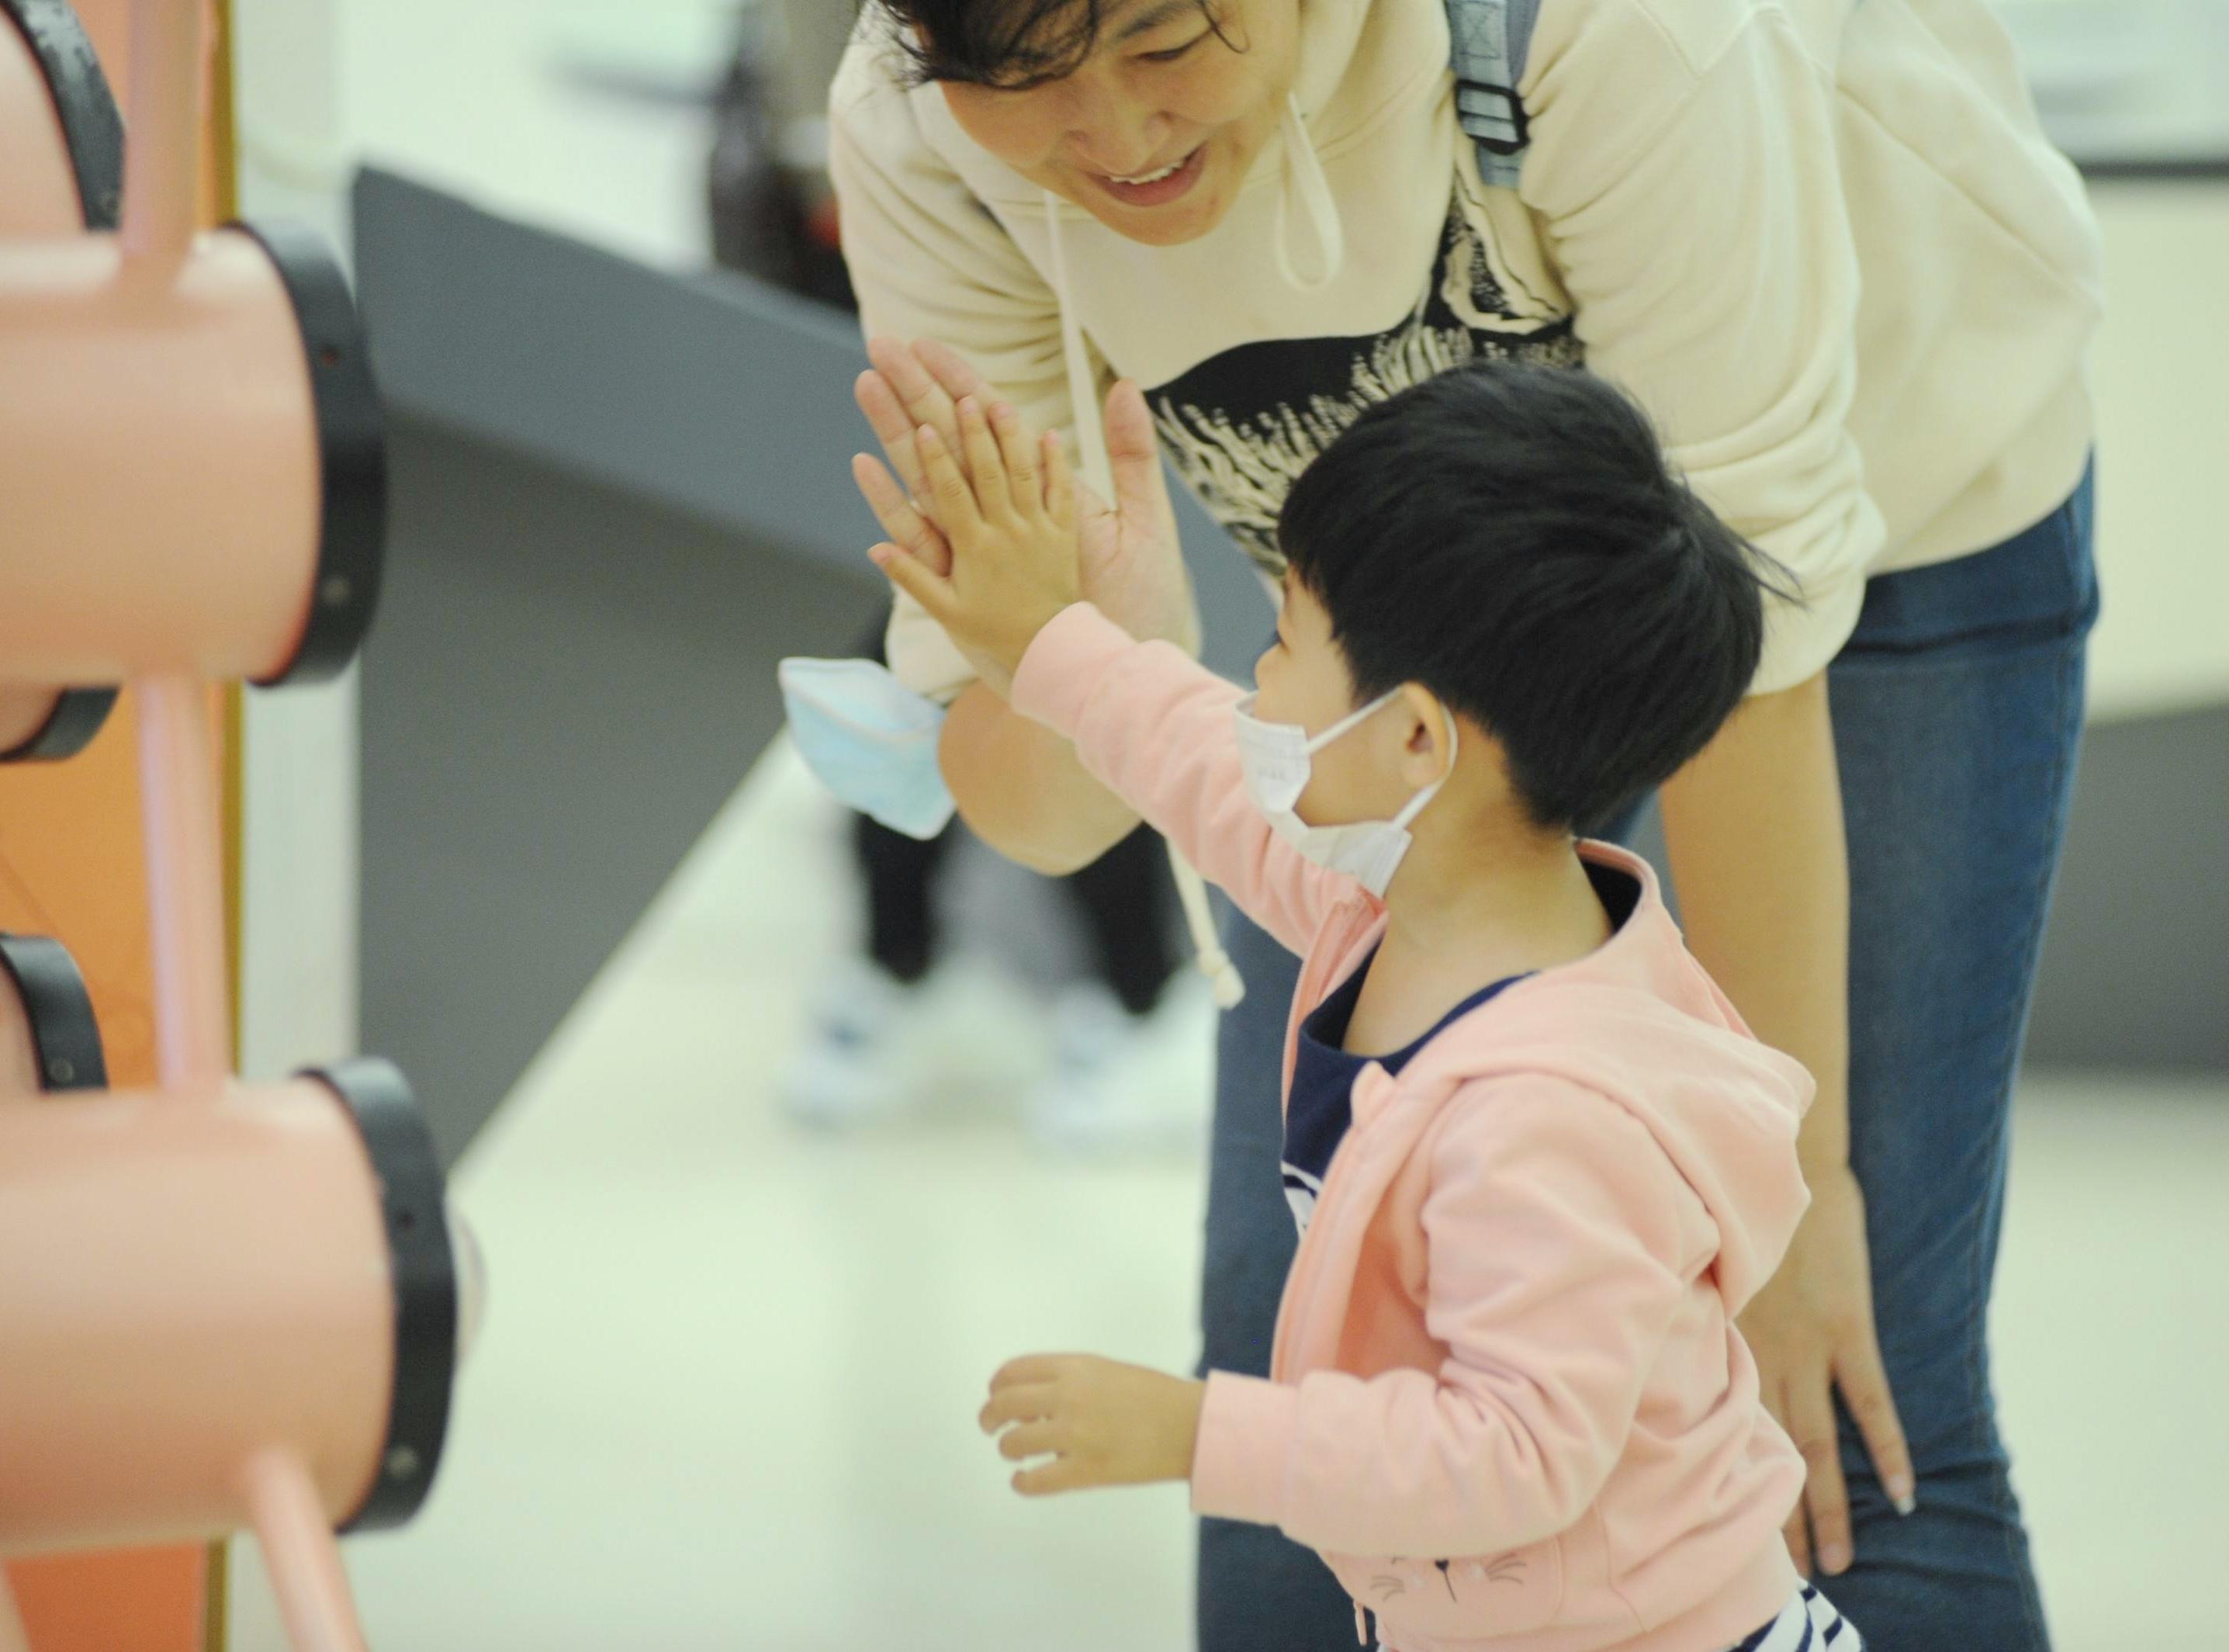 9月21日,在黑龙江省科学技术馆内,家长们趁着假期带孩子来感受科技的神奇,在寓教于乐中汲取科普知识。